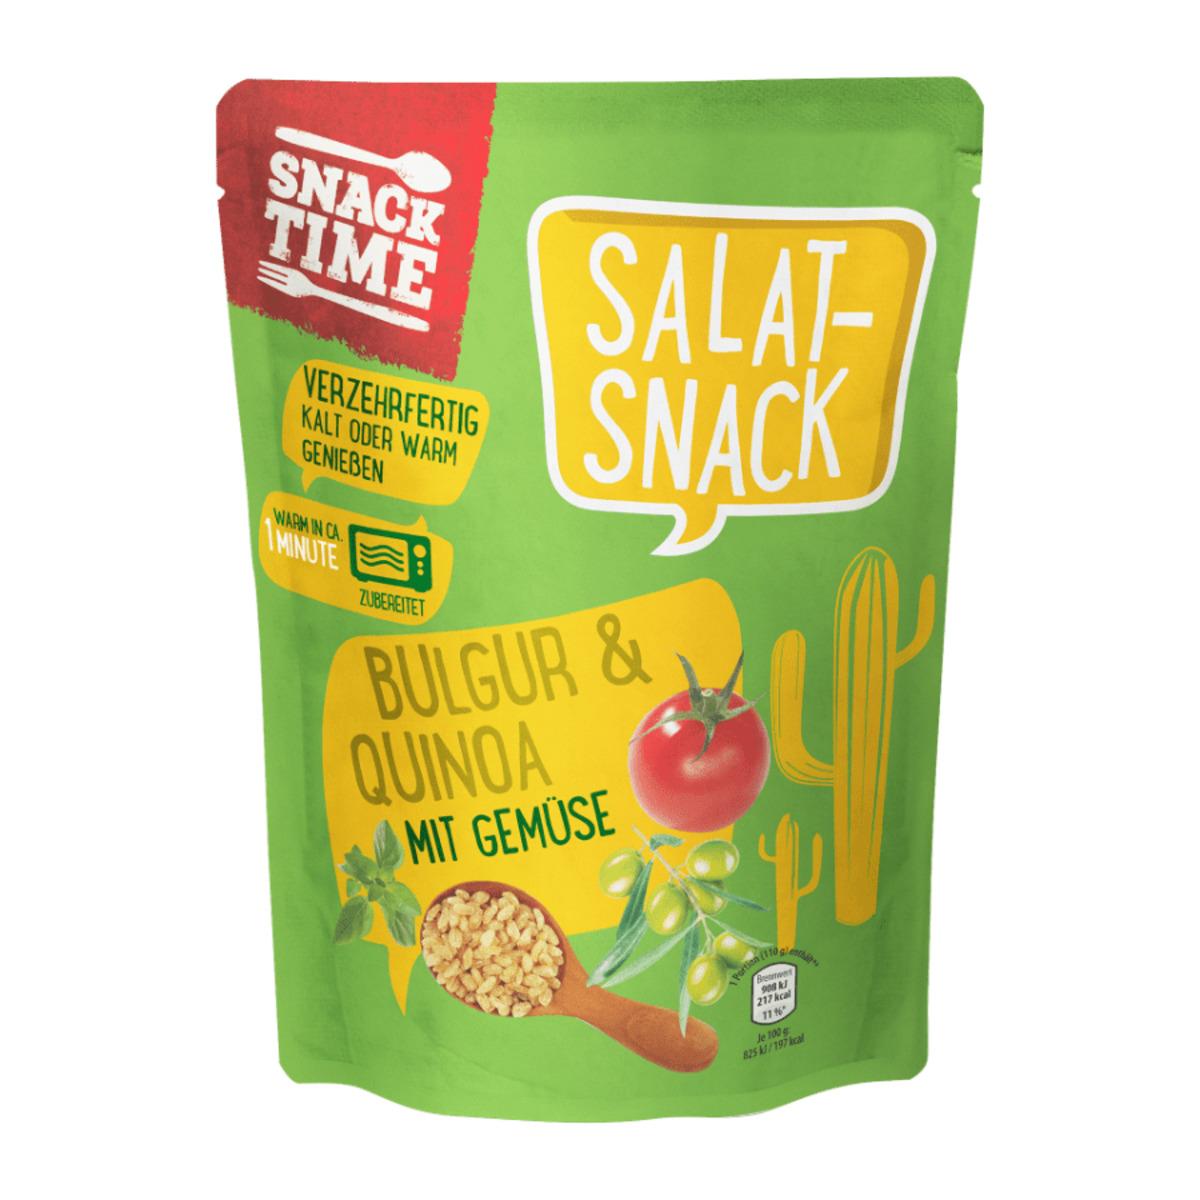 Bild 2 von SNACK TIME     Salat-Snack